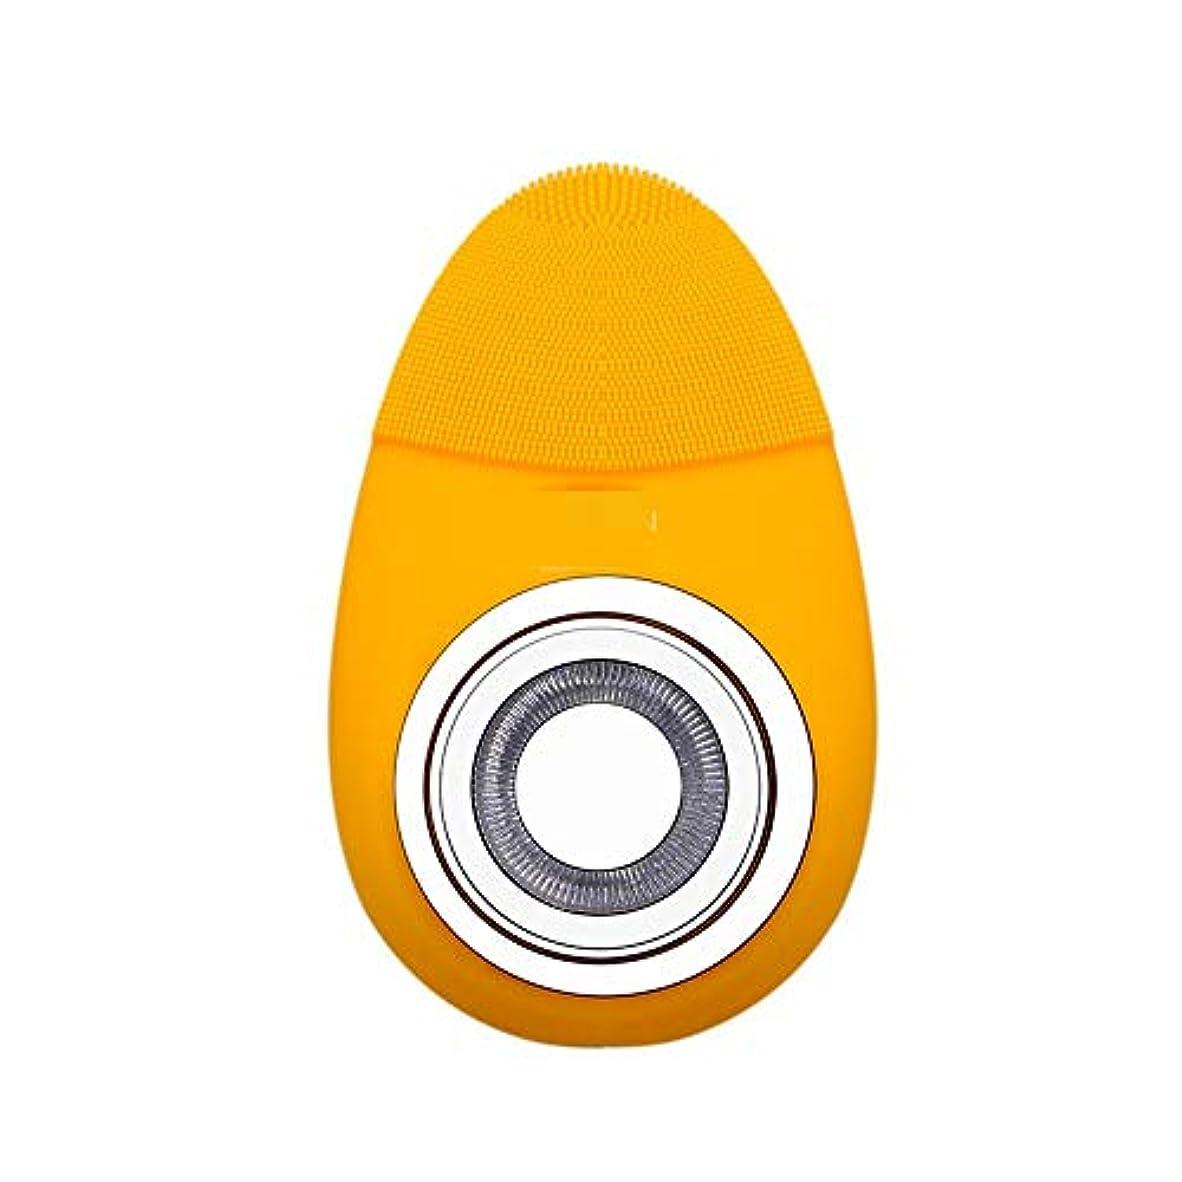 放散する工場情熱LYgMV 多機能電気恒温シリコーンクレンジング楽器赤灯肌清潔毛穴クリーナー輸入機器美容機器 (Color : Yellow)